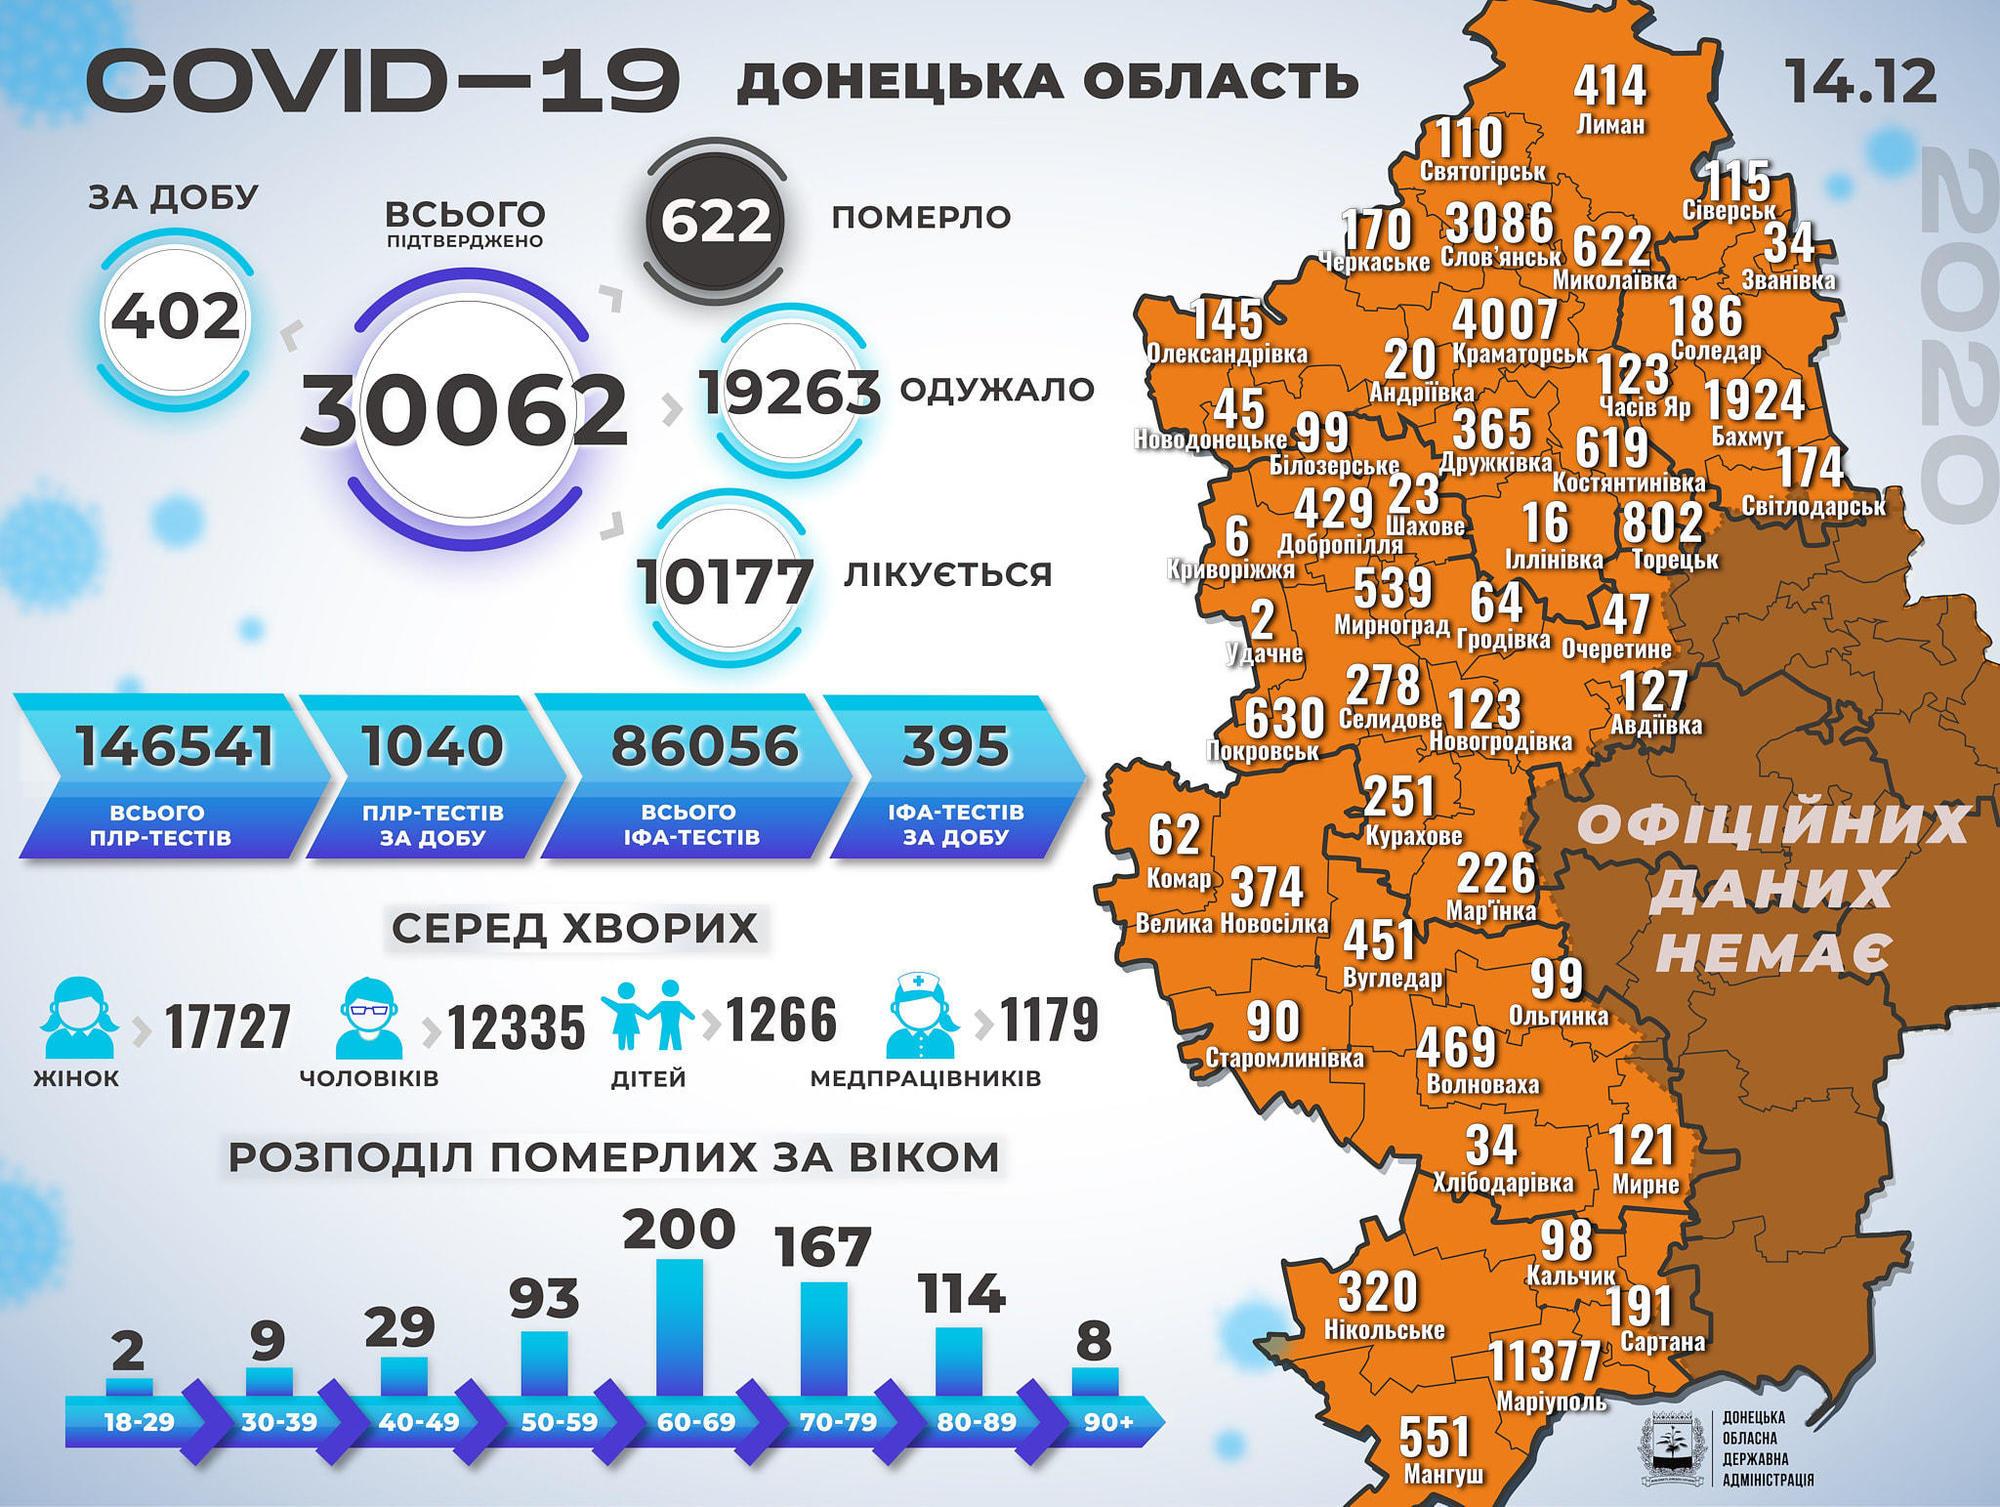 заболеваемость COVID-19 в Донецкой области на 15 декабря